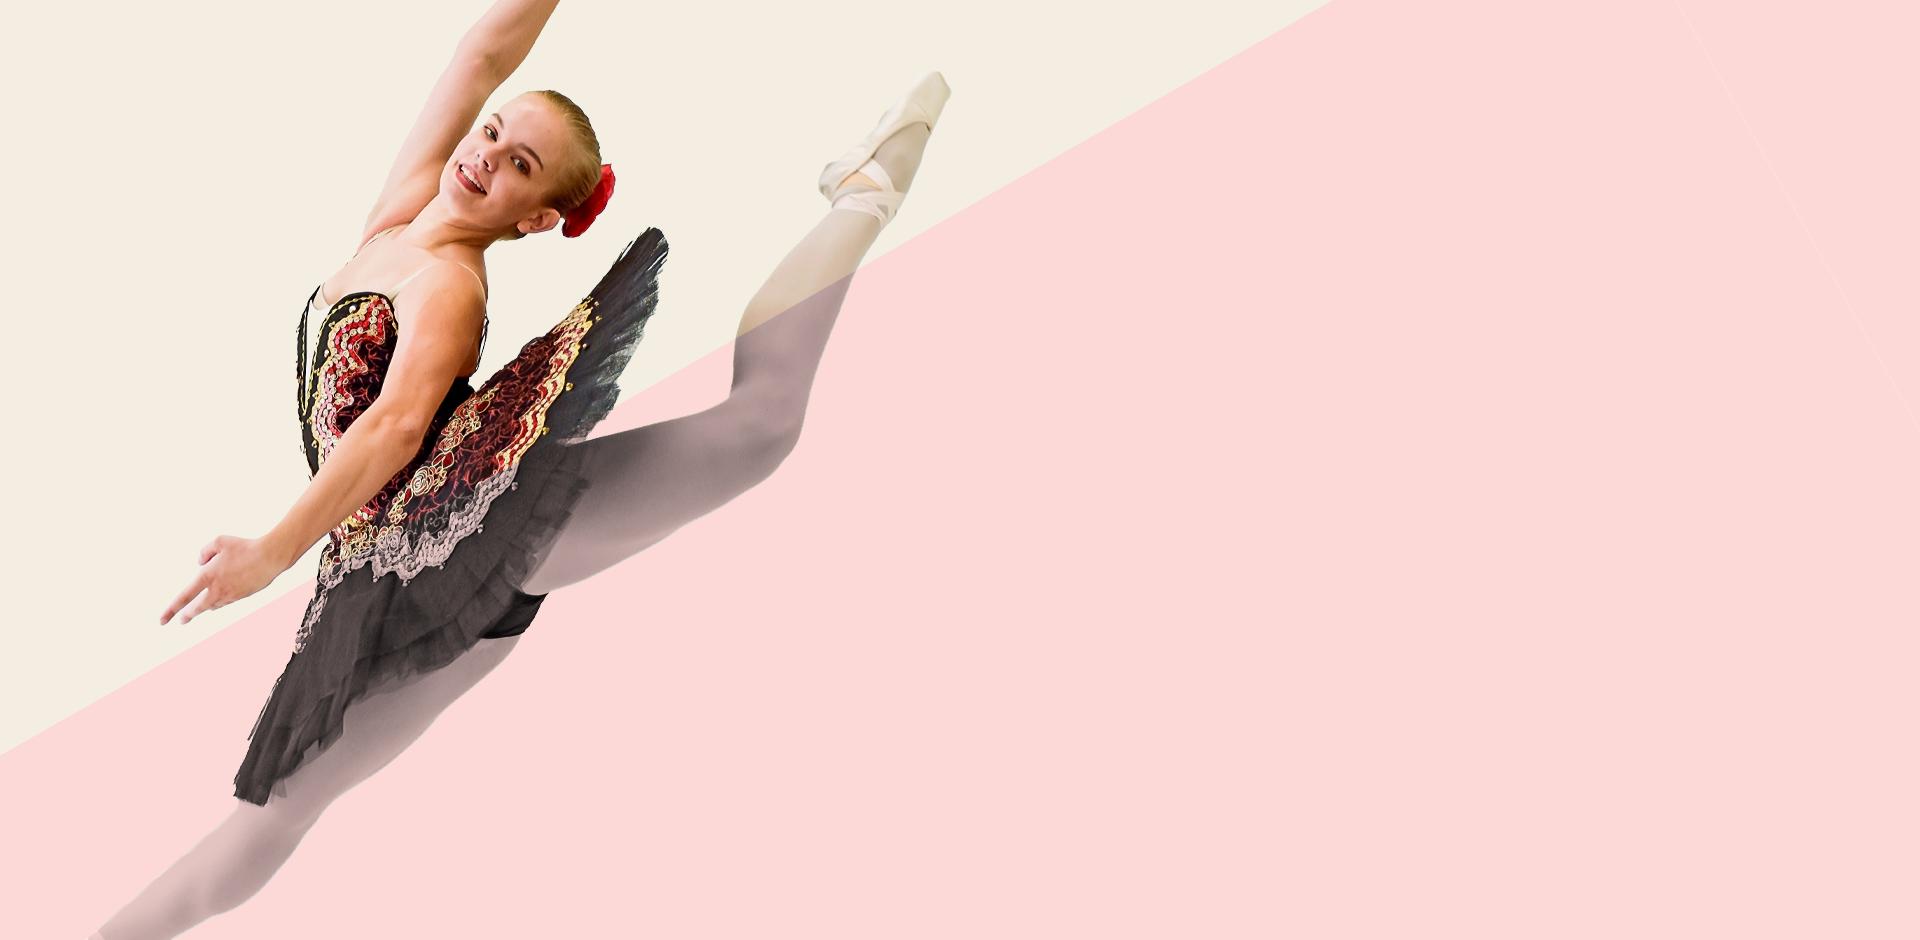 Allen-Conservatory-of-Dance